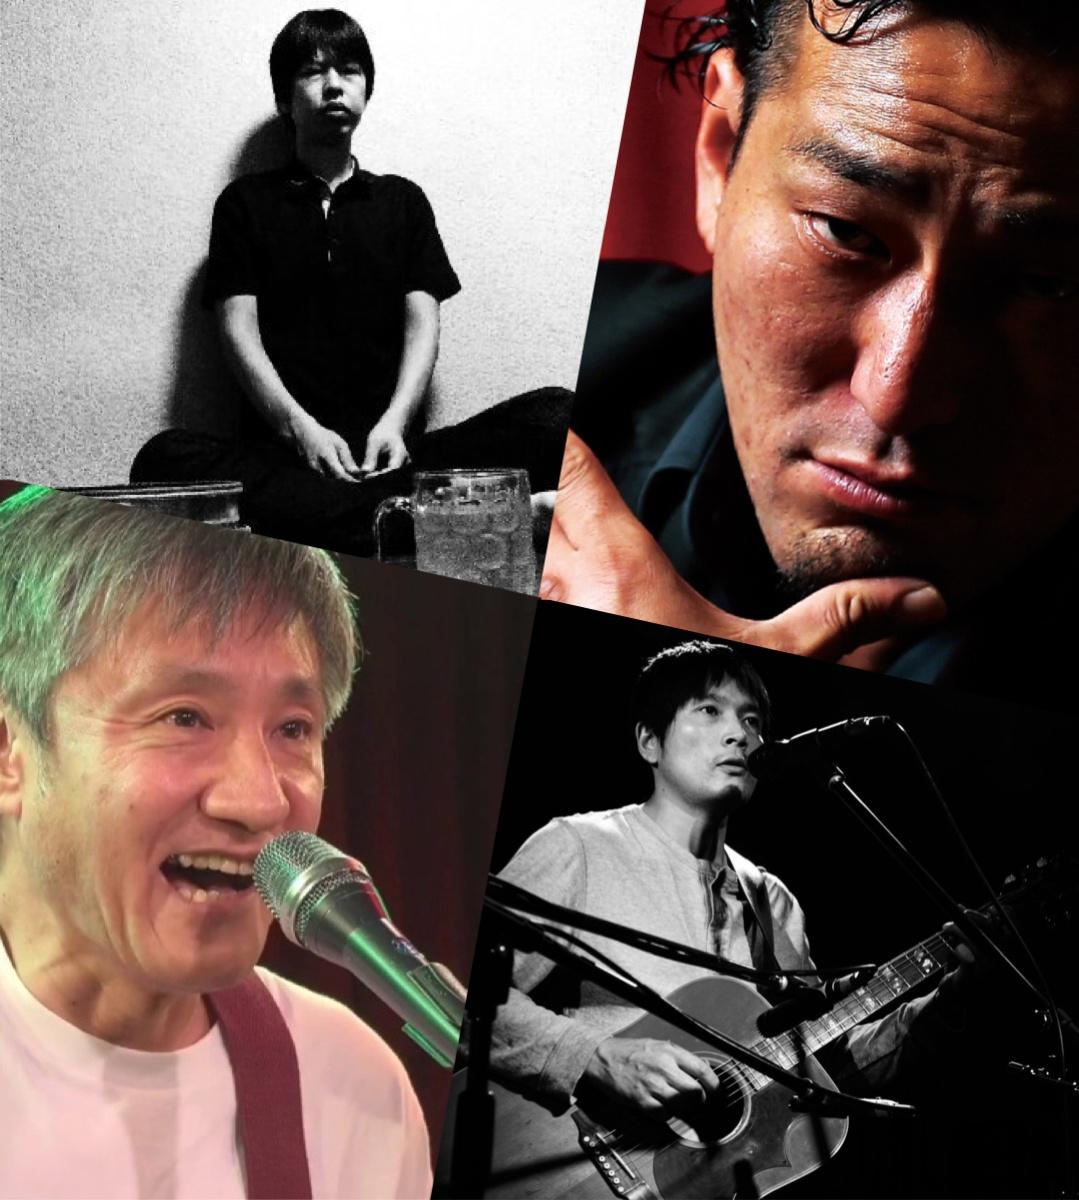 [無観客配信]『酔いどれ詩人になるまえに』出演:豊田ヒデノリ / アケンコ / 早川理史 / コジマタケシ